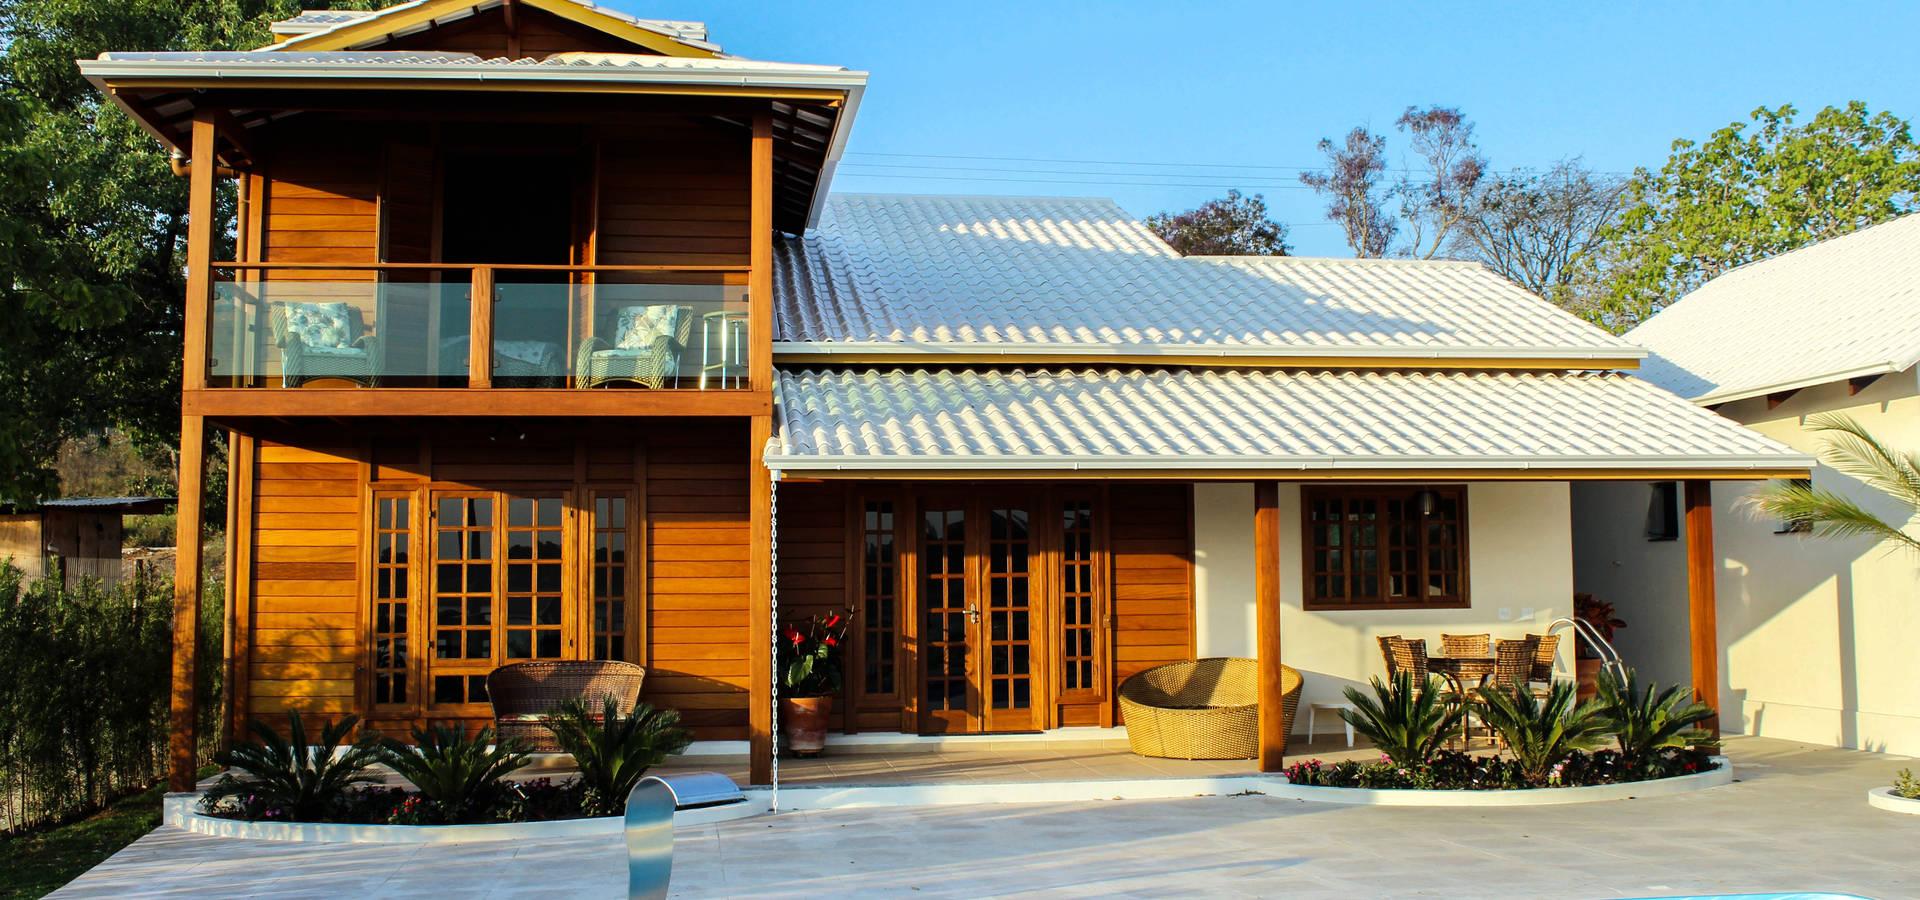 CASA & CAMPO – Casas pré-fabricadas em madeiras